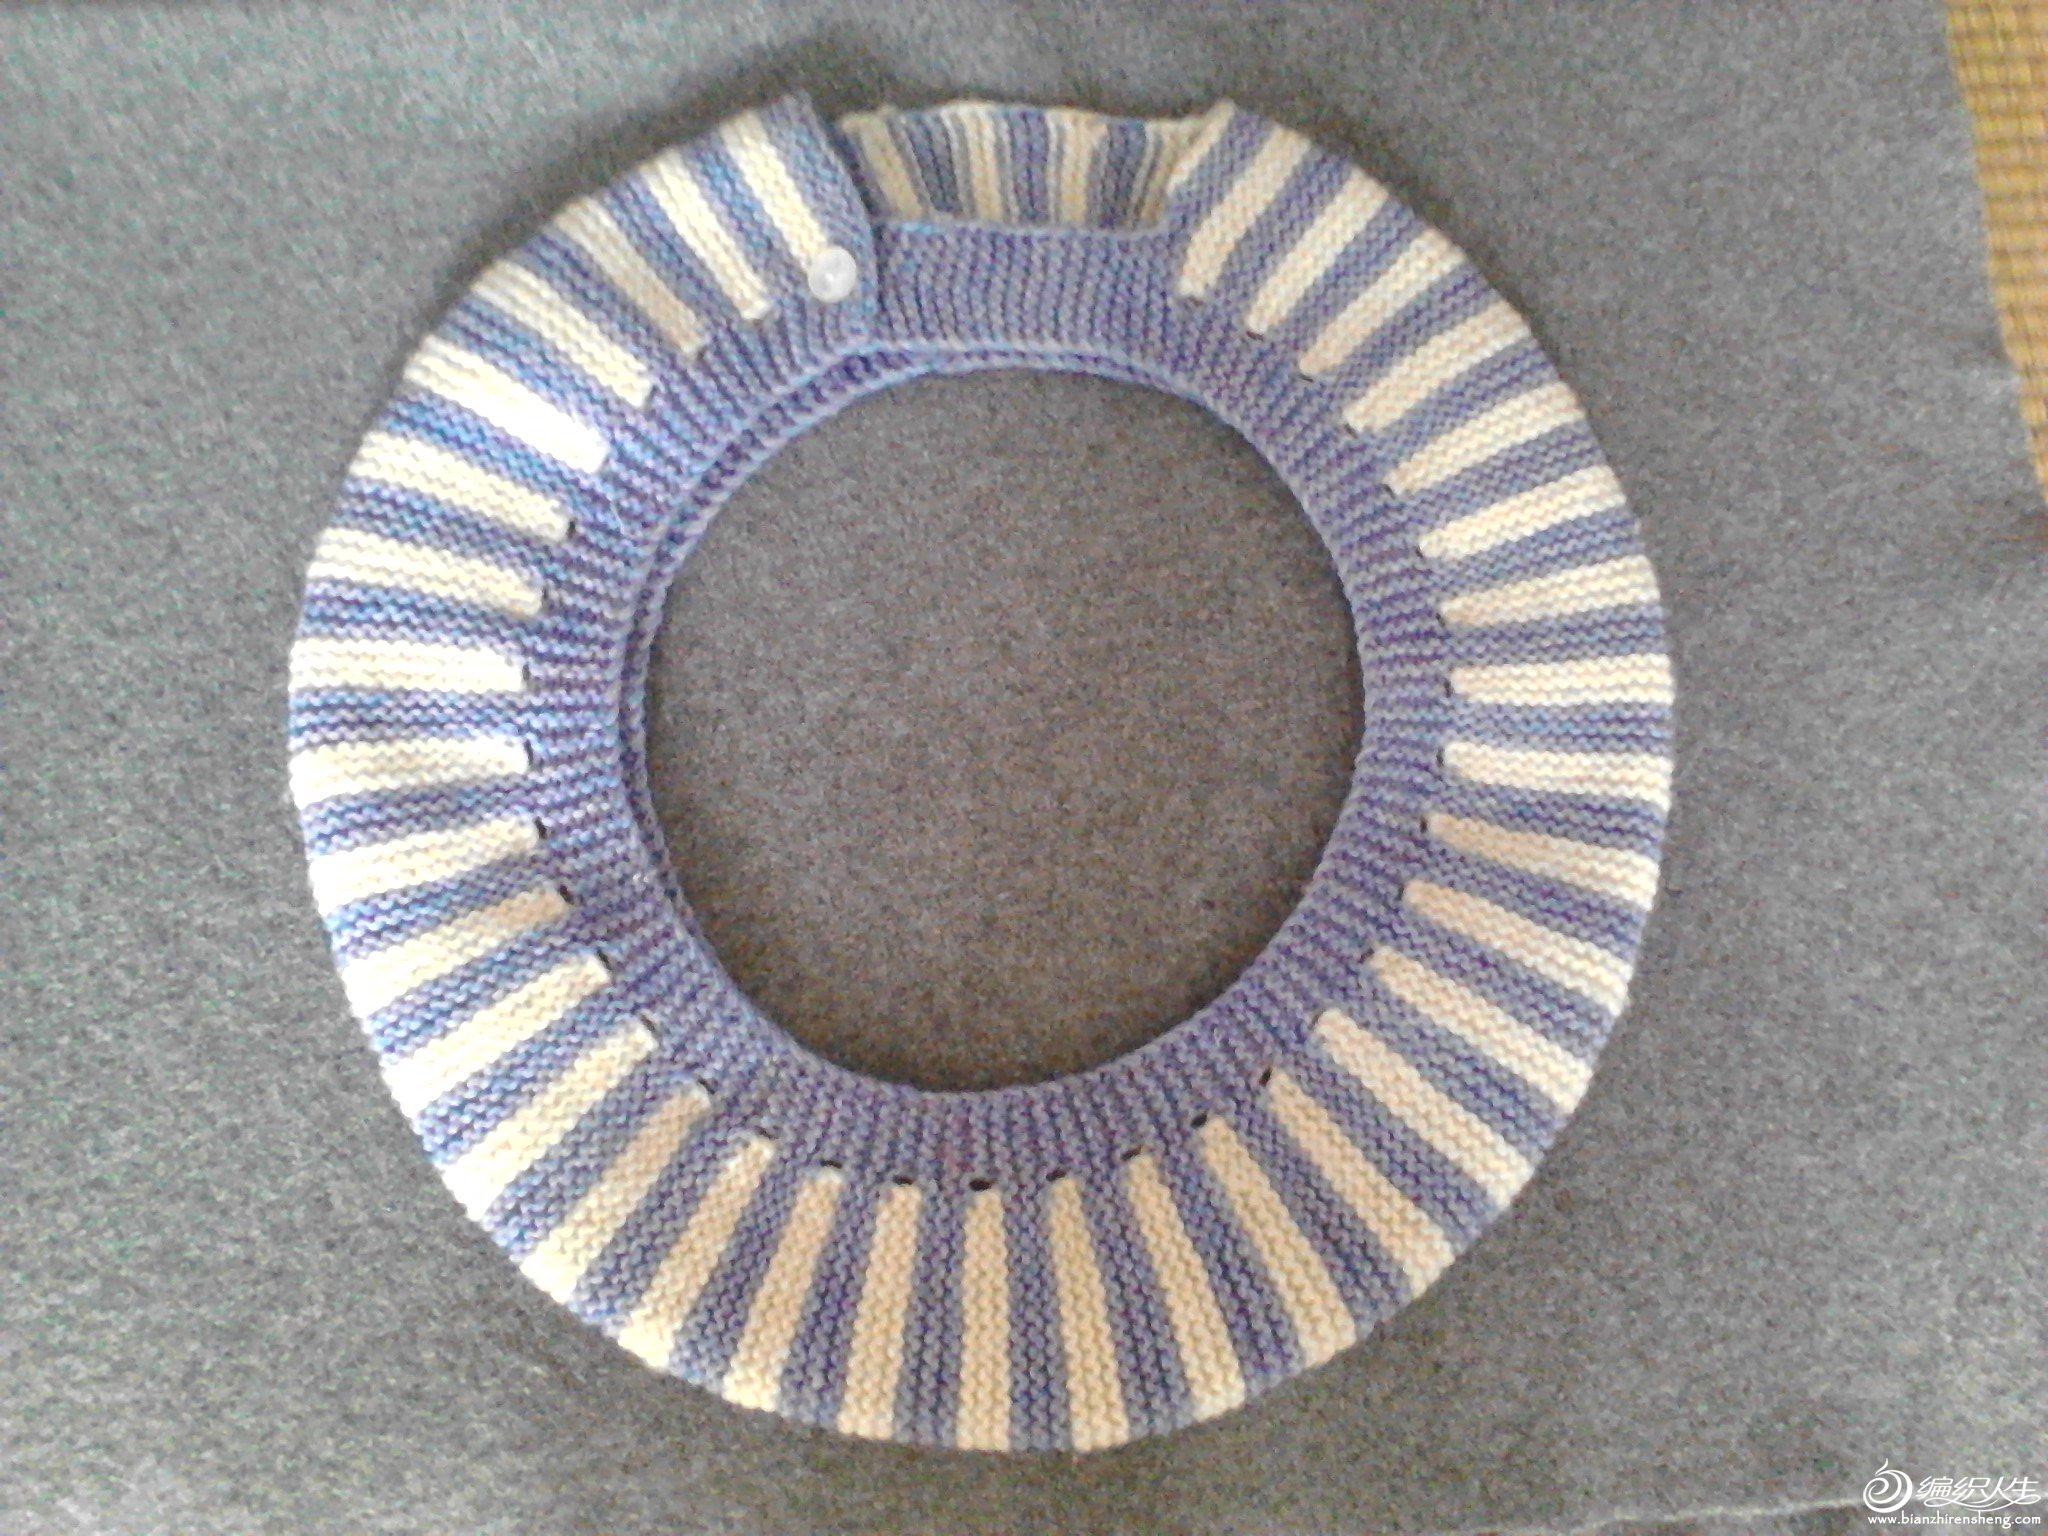 毛线编织马桶坐垫_用毛线织马桶 - 编织人生